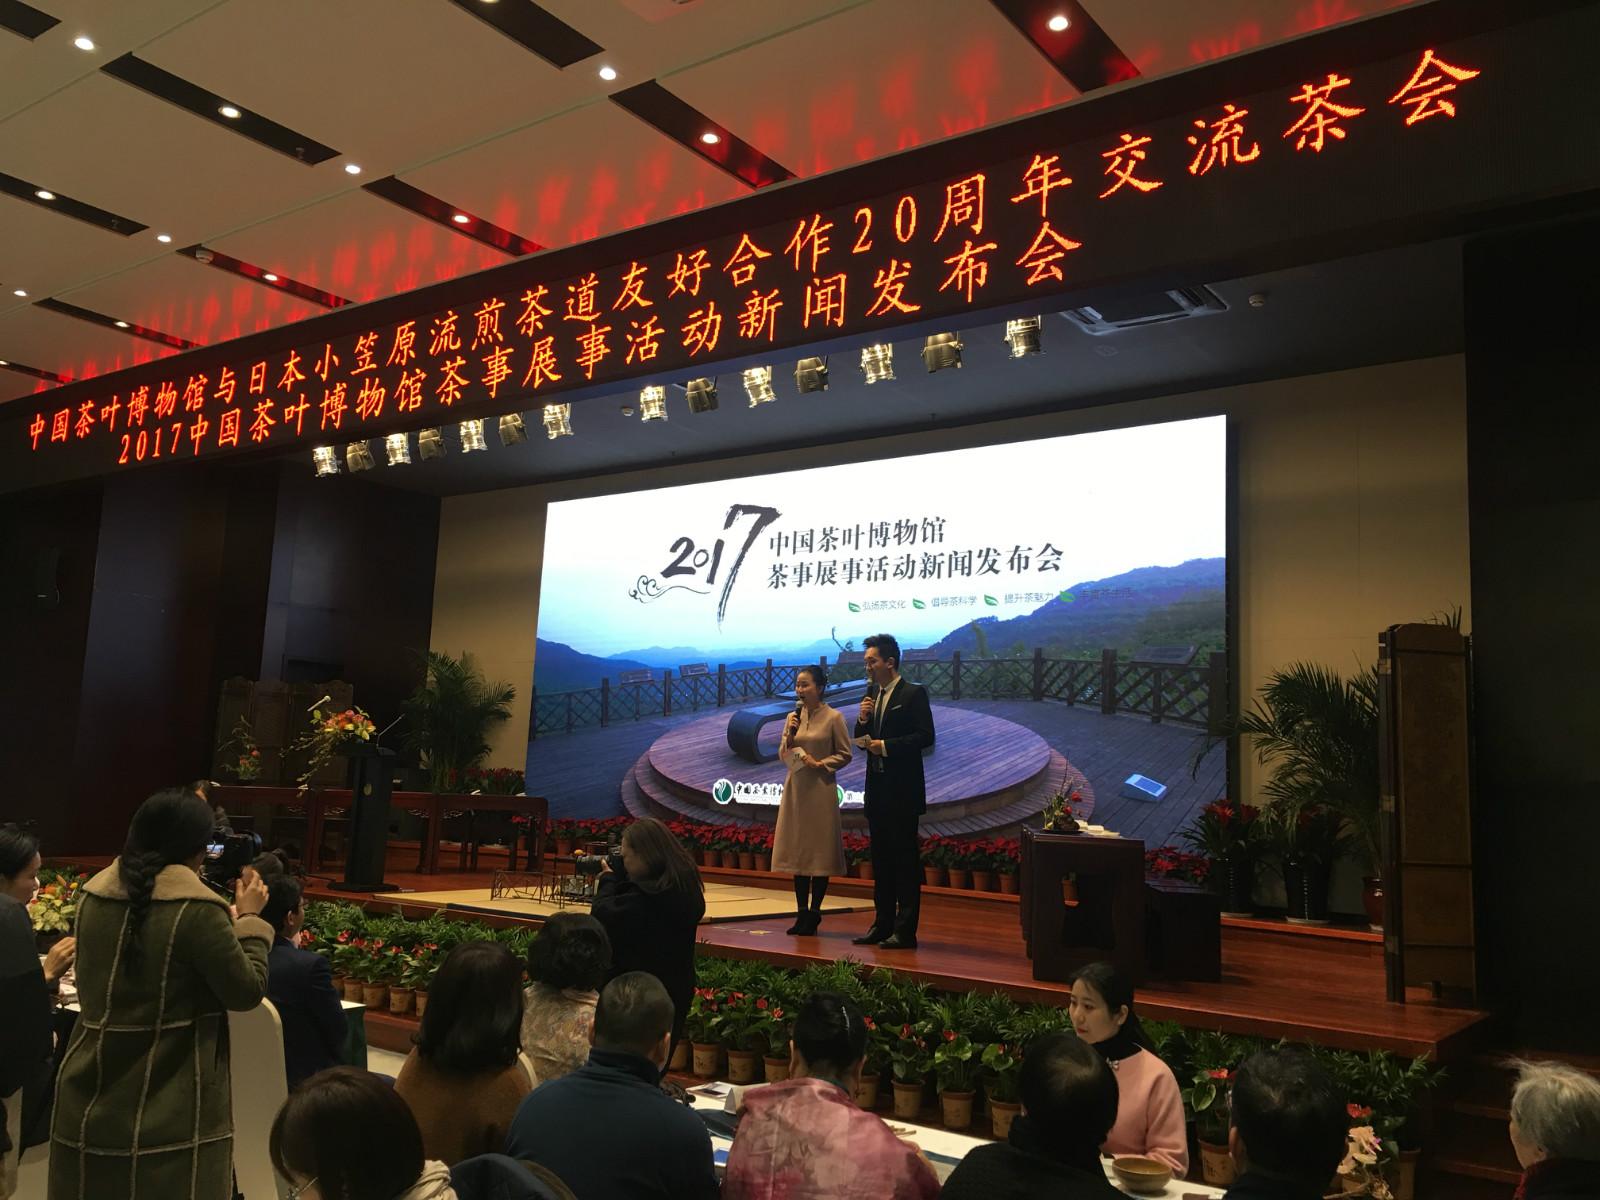 中茶博与小笠原流煎茶道友好合作20周年茶会举行